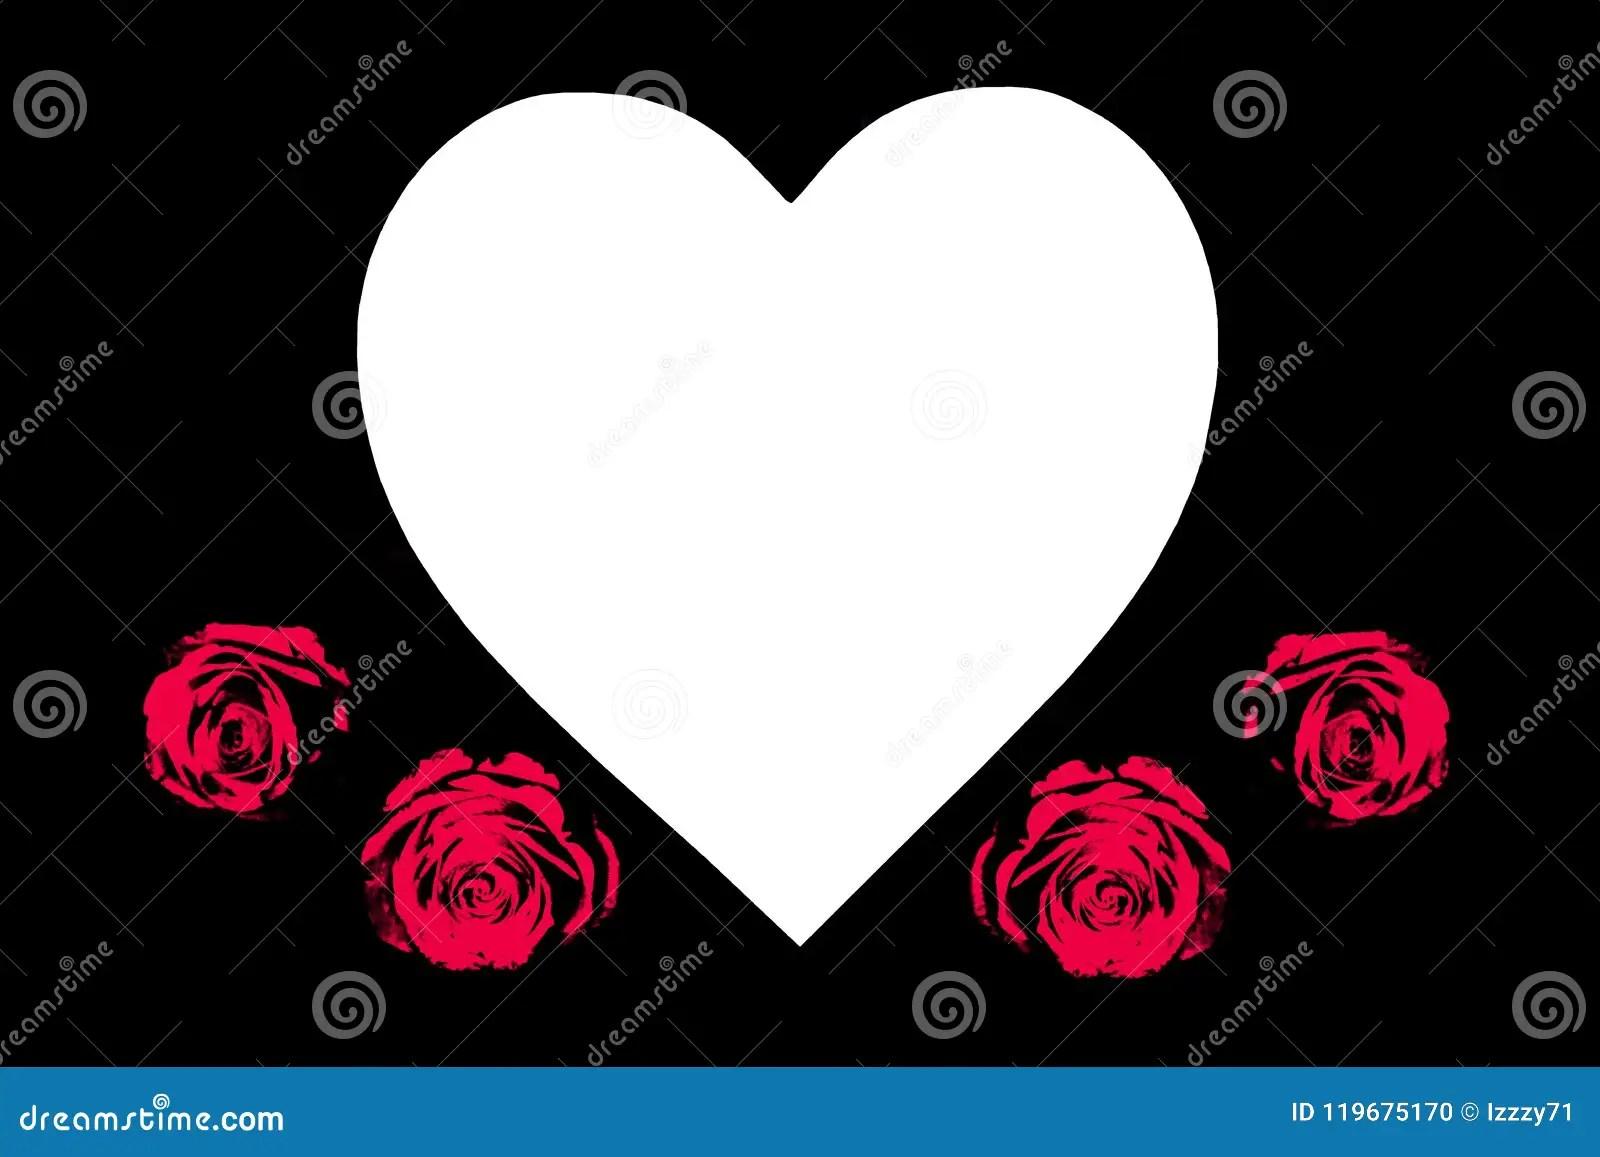 Blank Heart Shape Stock Photos